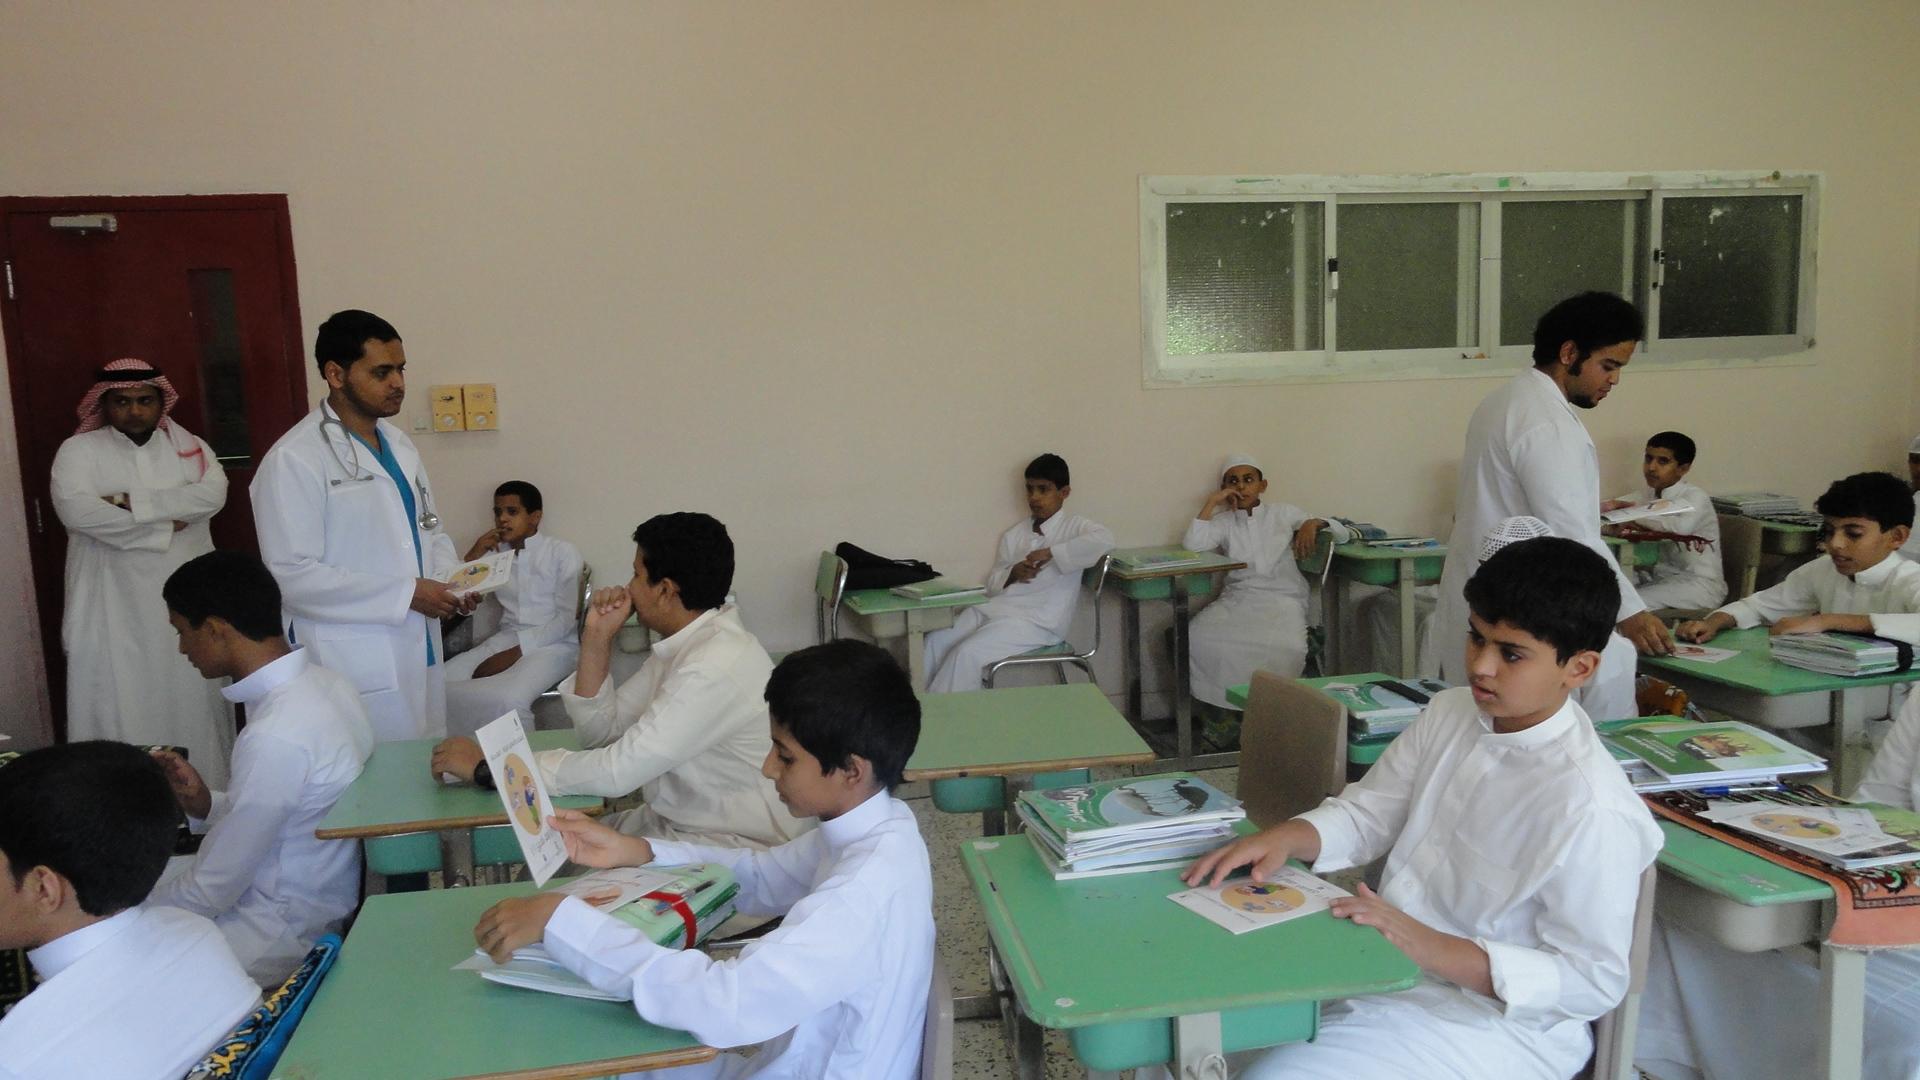 الفريق التطوعي بأبها- خلال التوعية الصحية في أحد المدارس.jpg 1.jpg